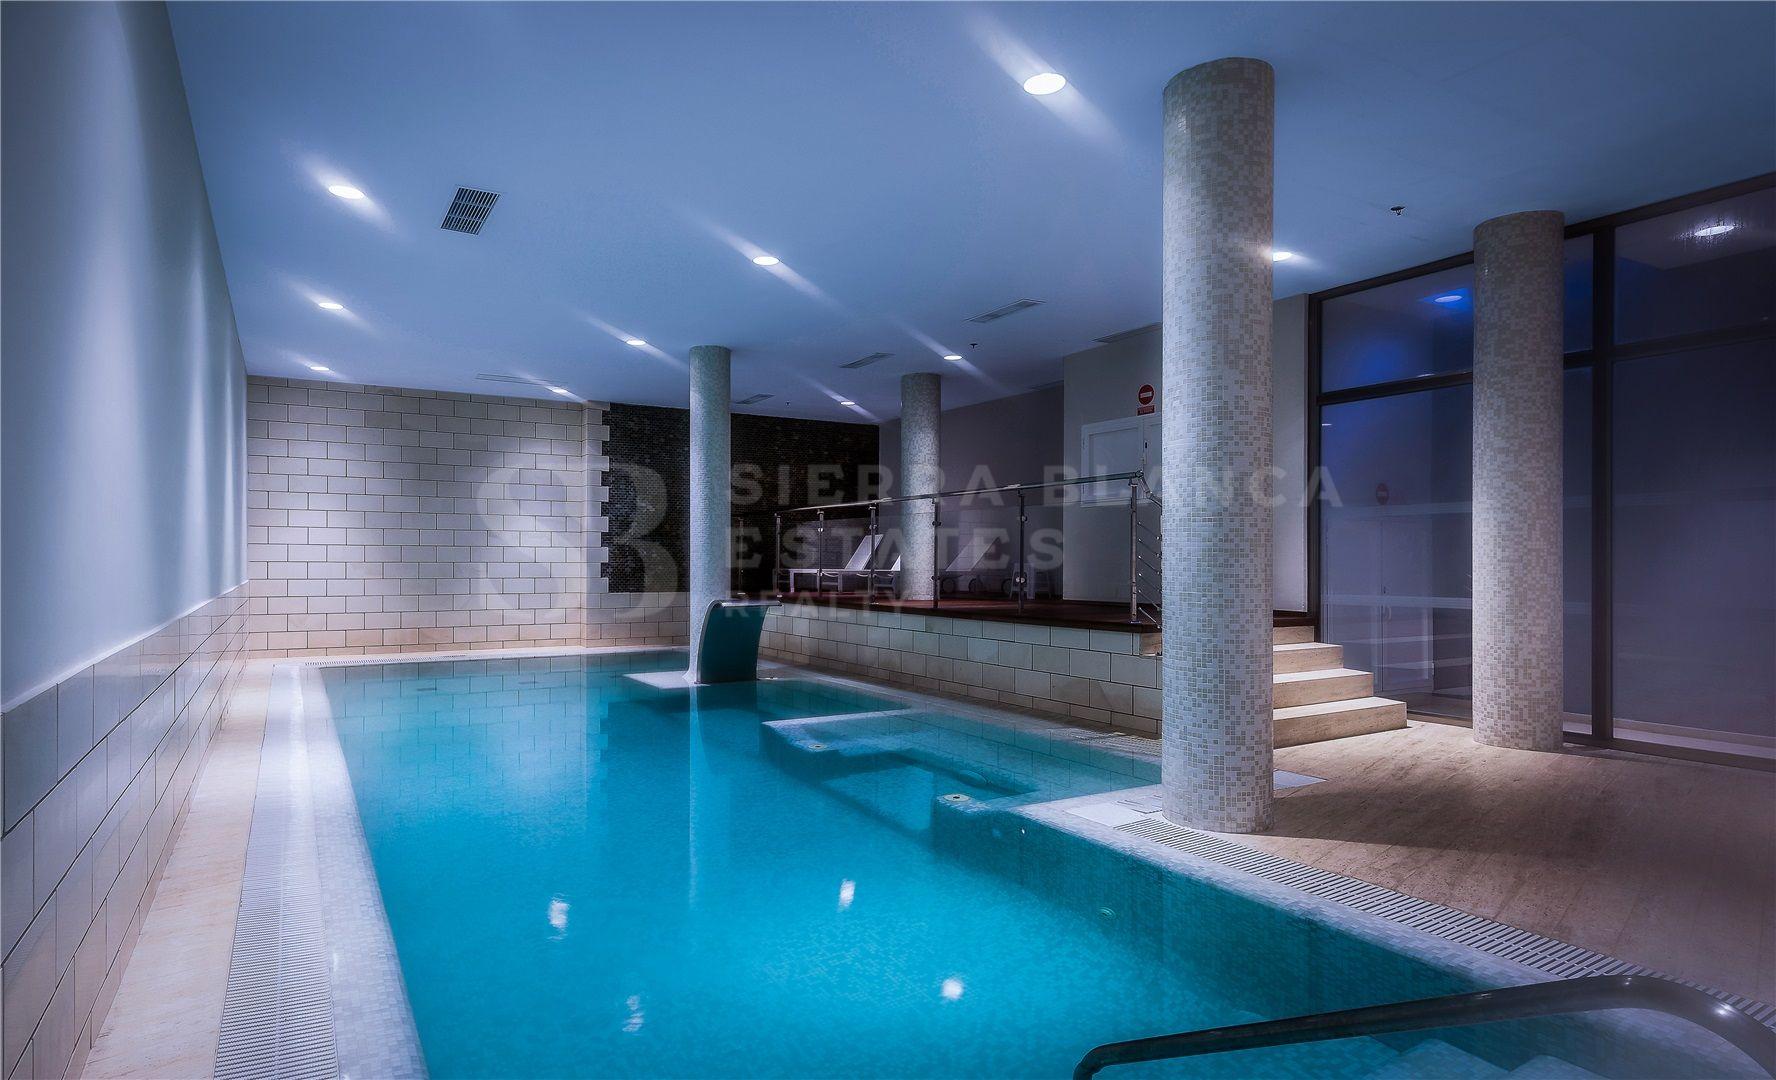 Luxurious semi-detached villa in Sierra Blanca